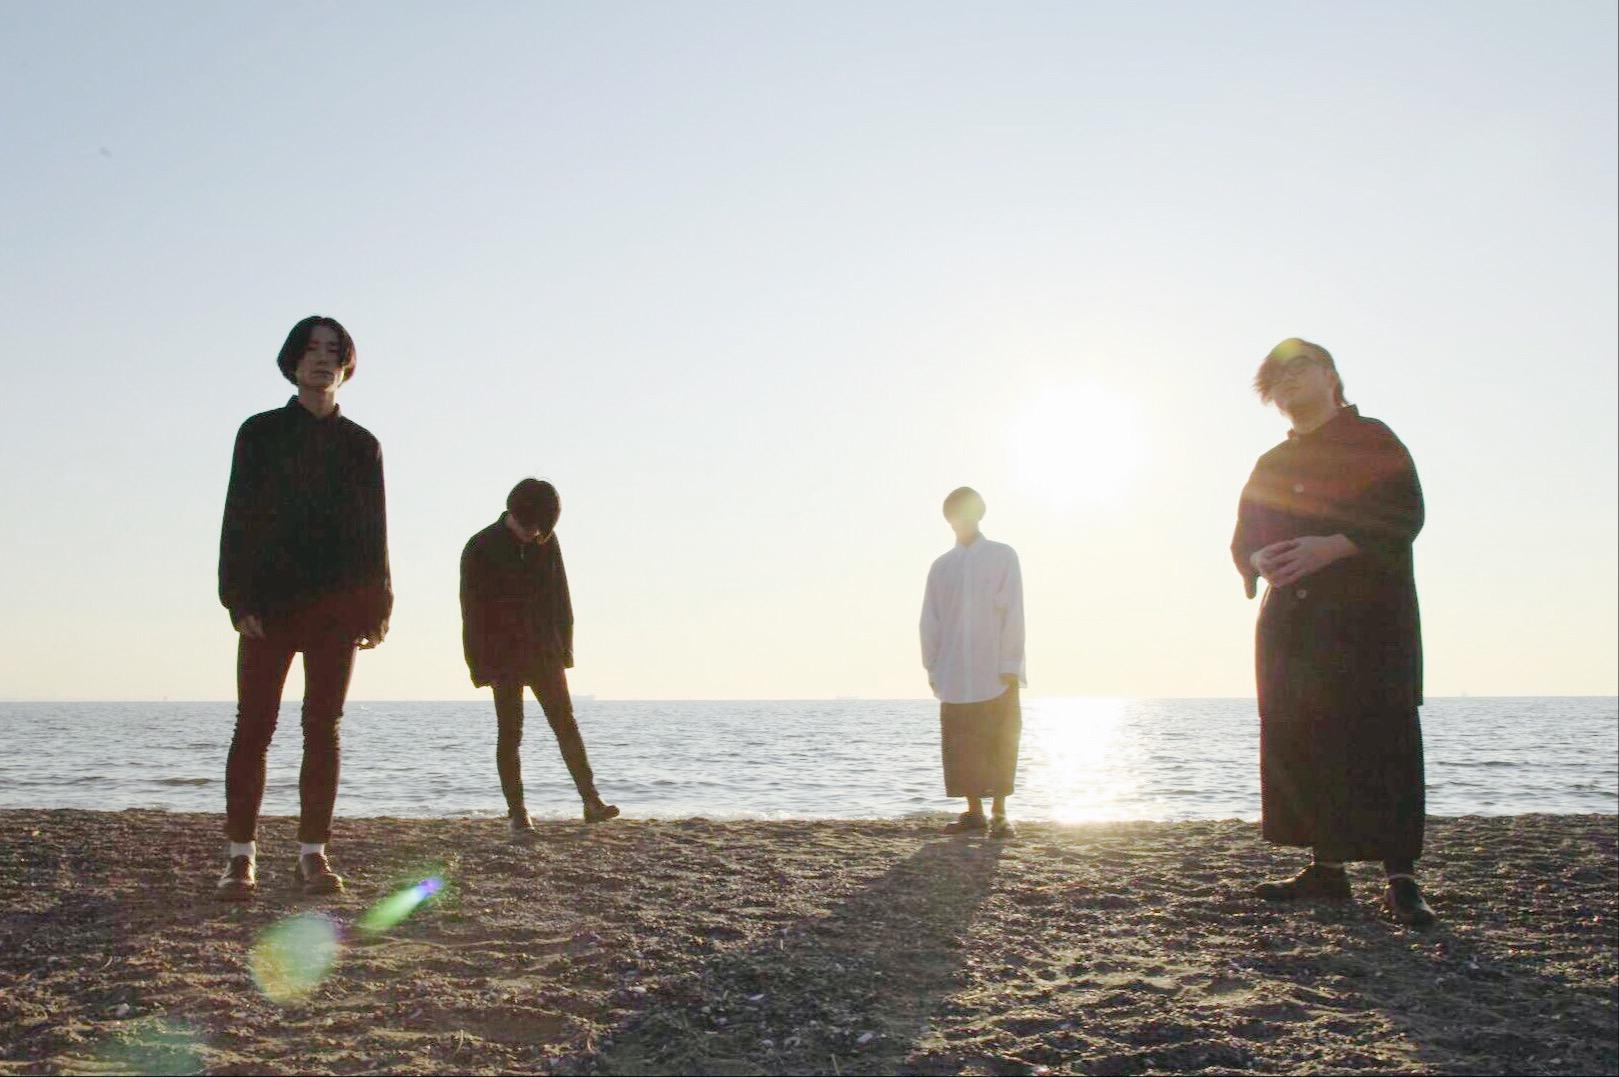 kalmia release tour - 誰 ガ 為 ニ 光 ル ノ カ -